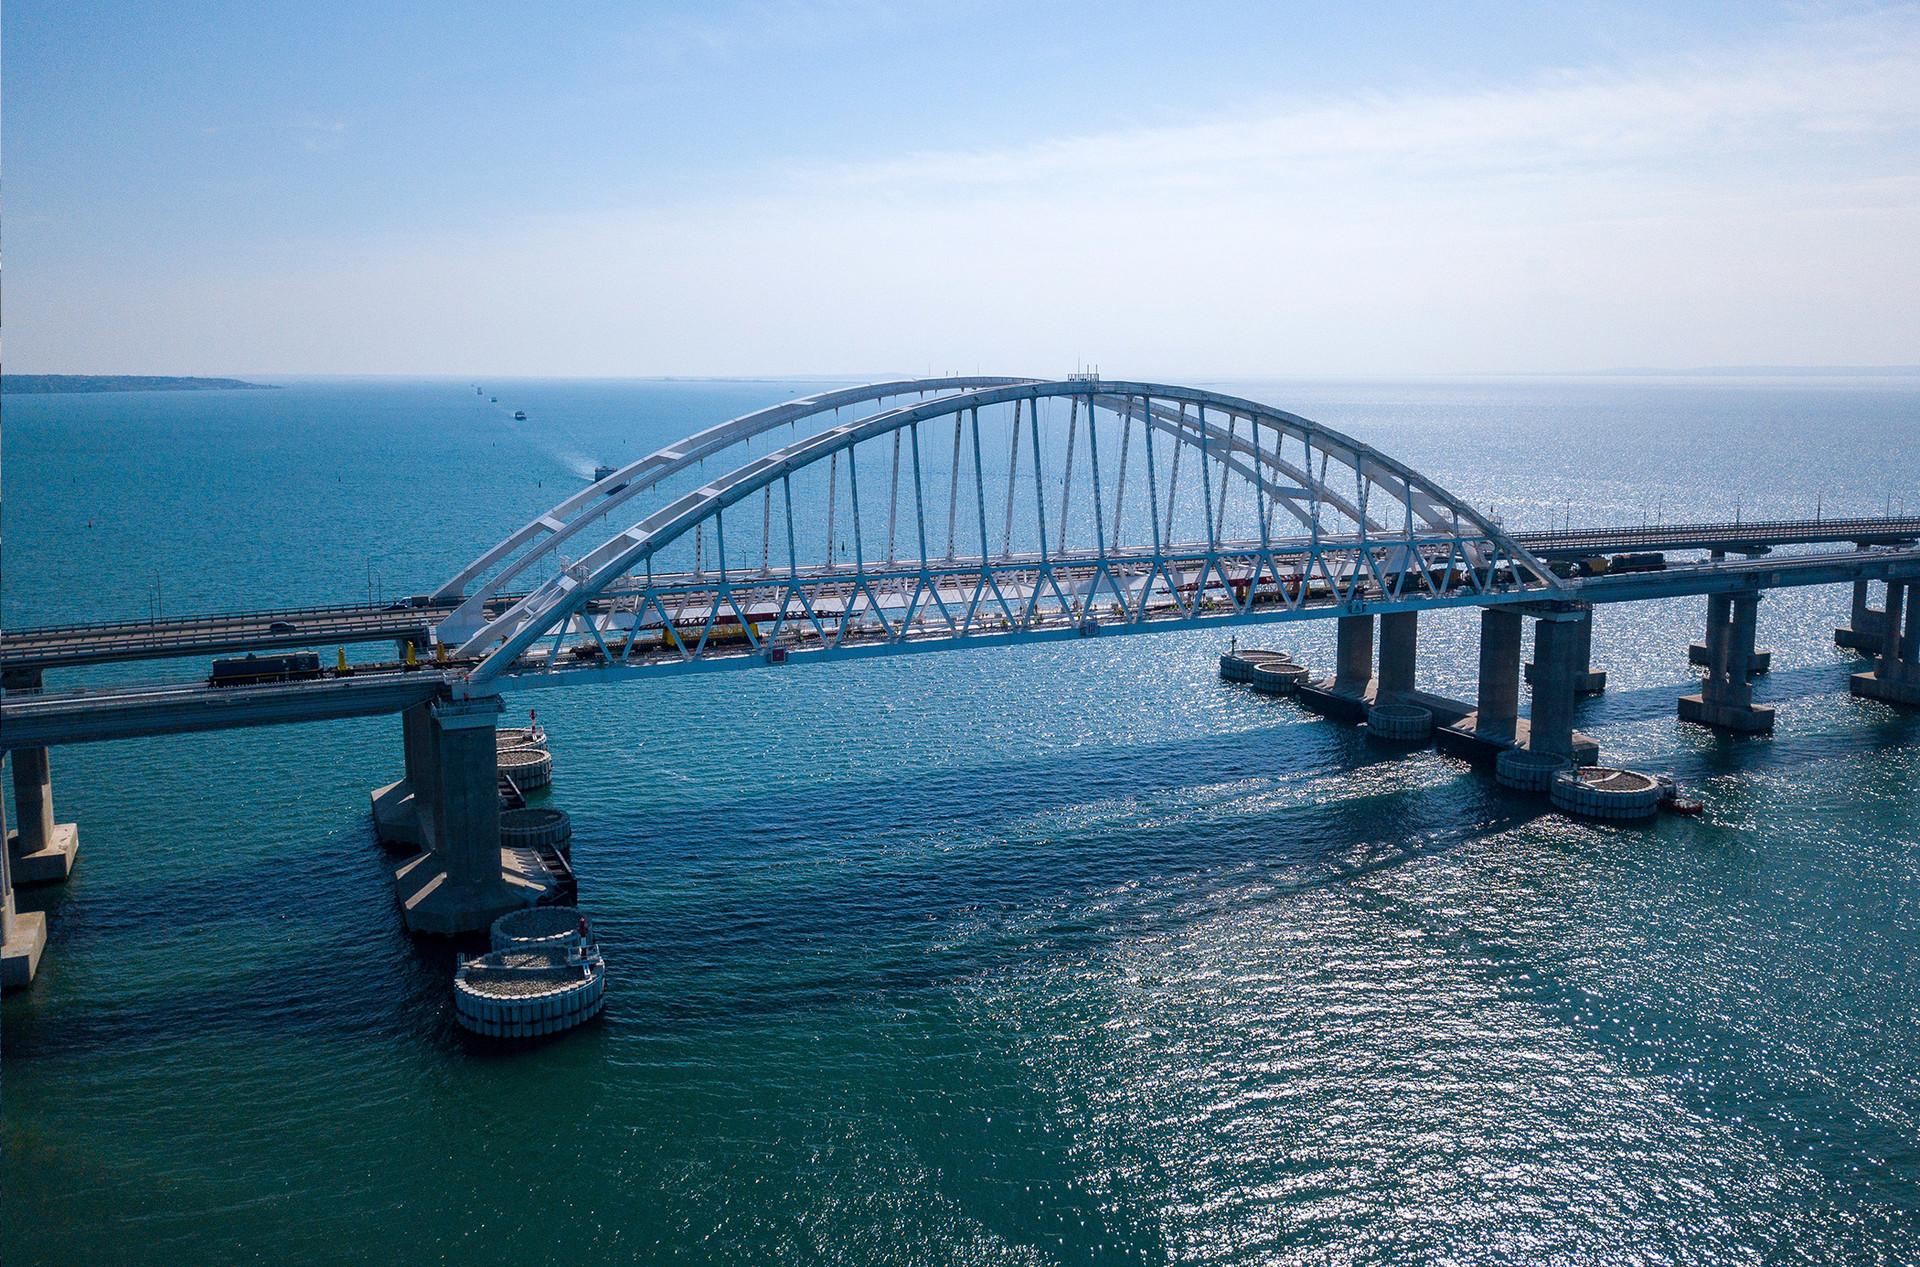 крымский мост картинки фото татуировках, изображения